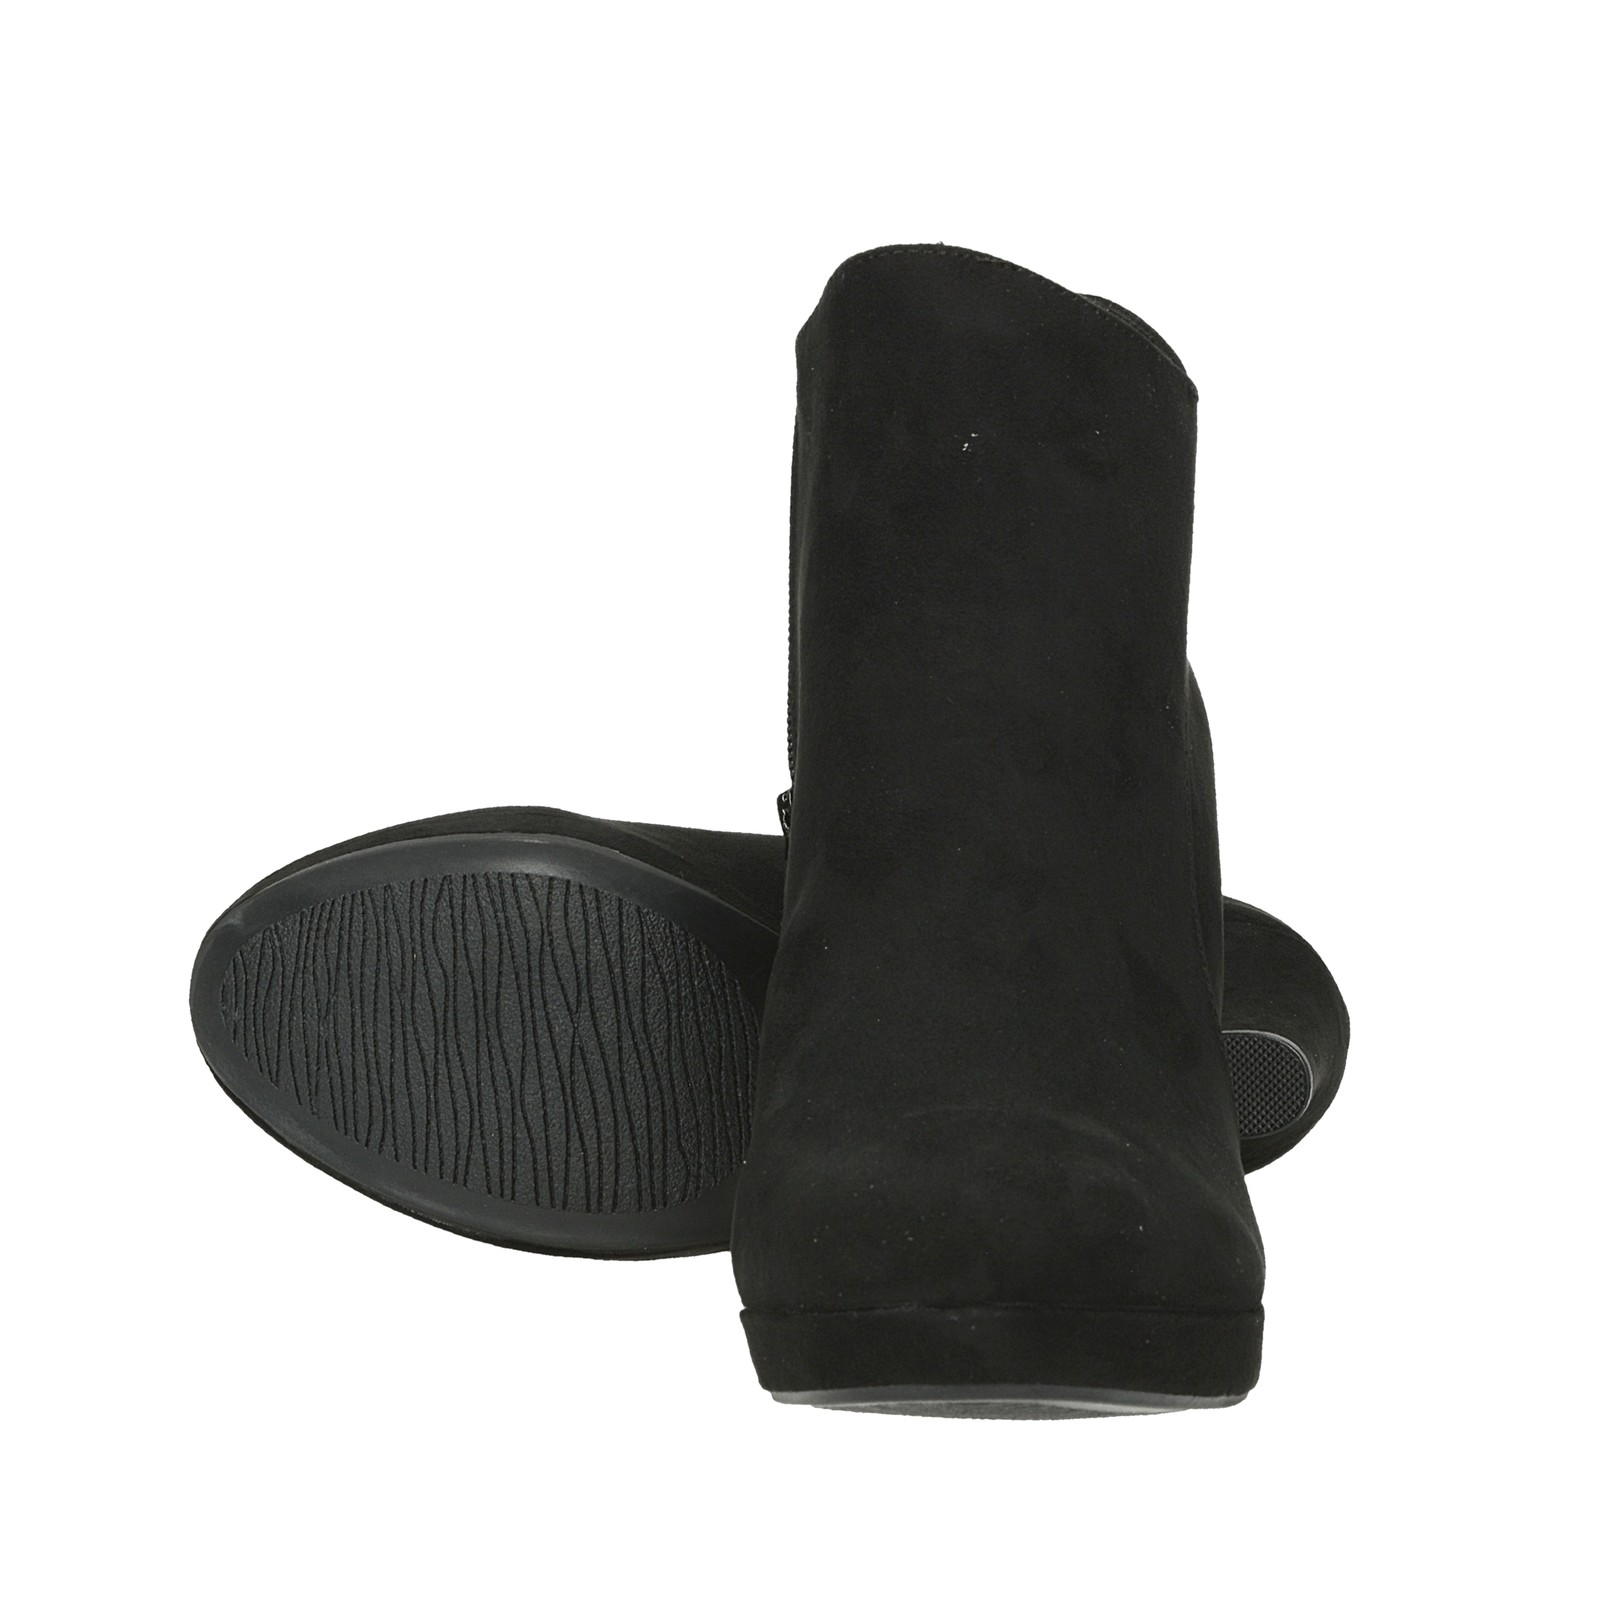 Kotníková obuv. Jane Klain dámské textilní kotníkové boty na vysokém  podpatku - černé ... d43f9674d8